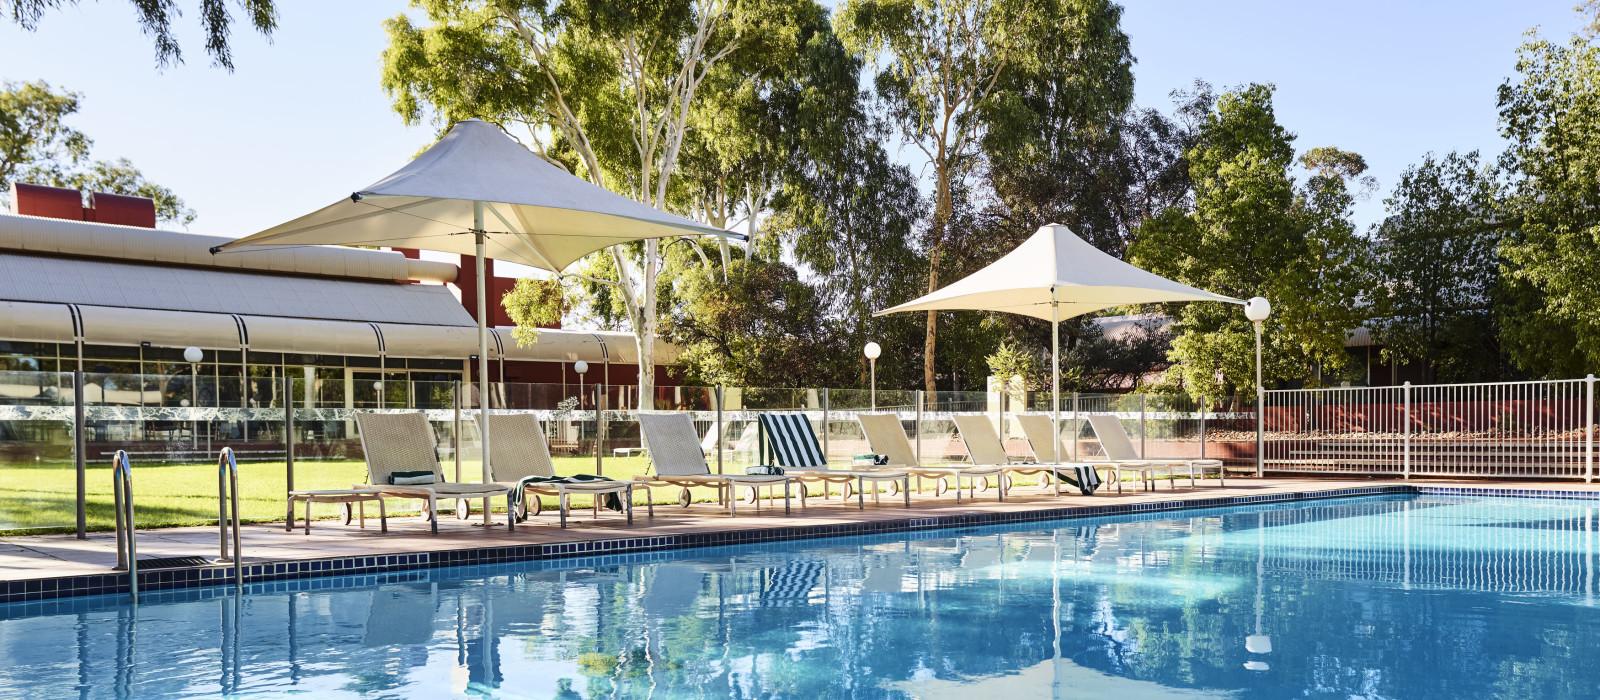 Hotel Voyages Desert Gardens  Australia